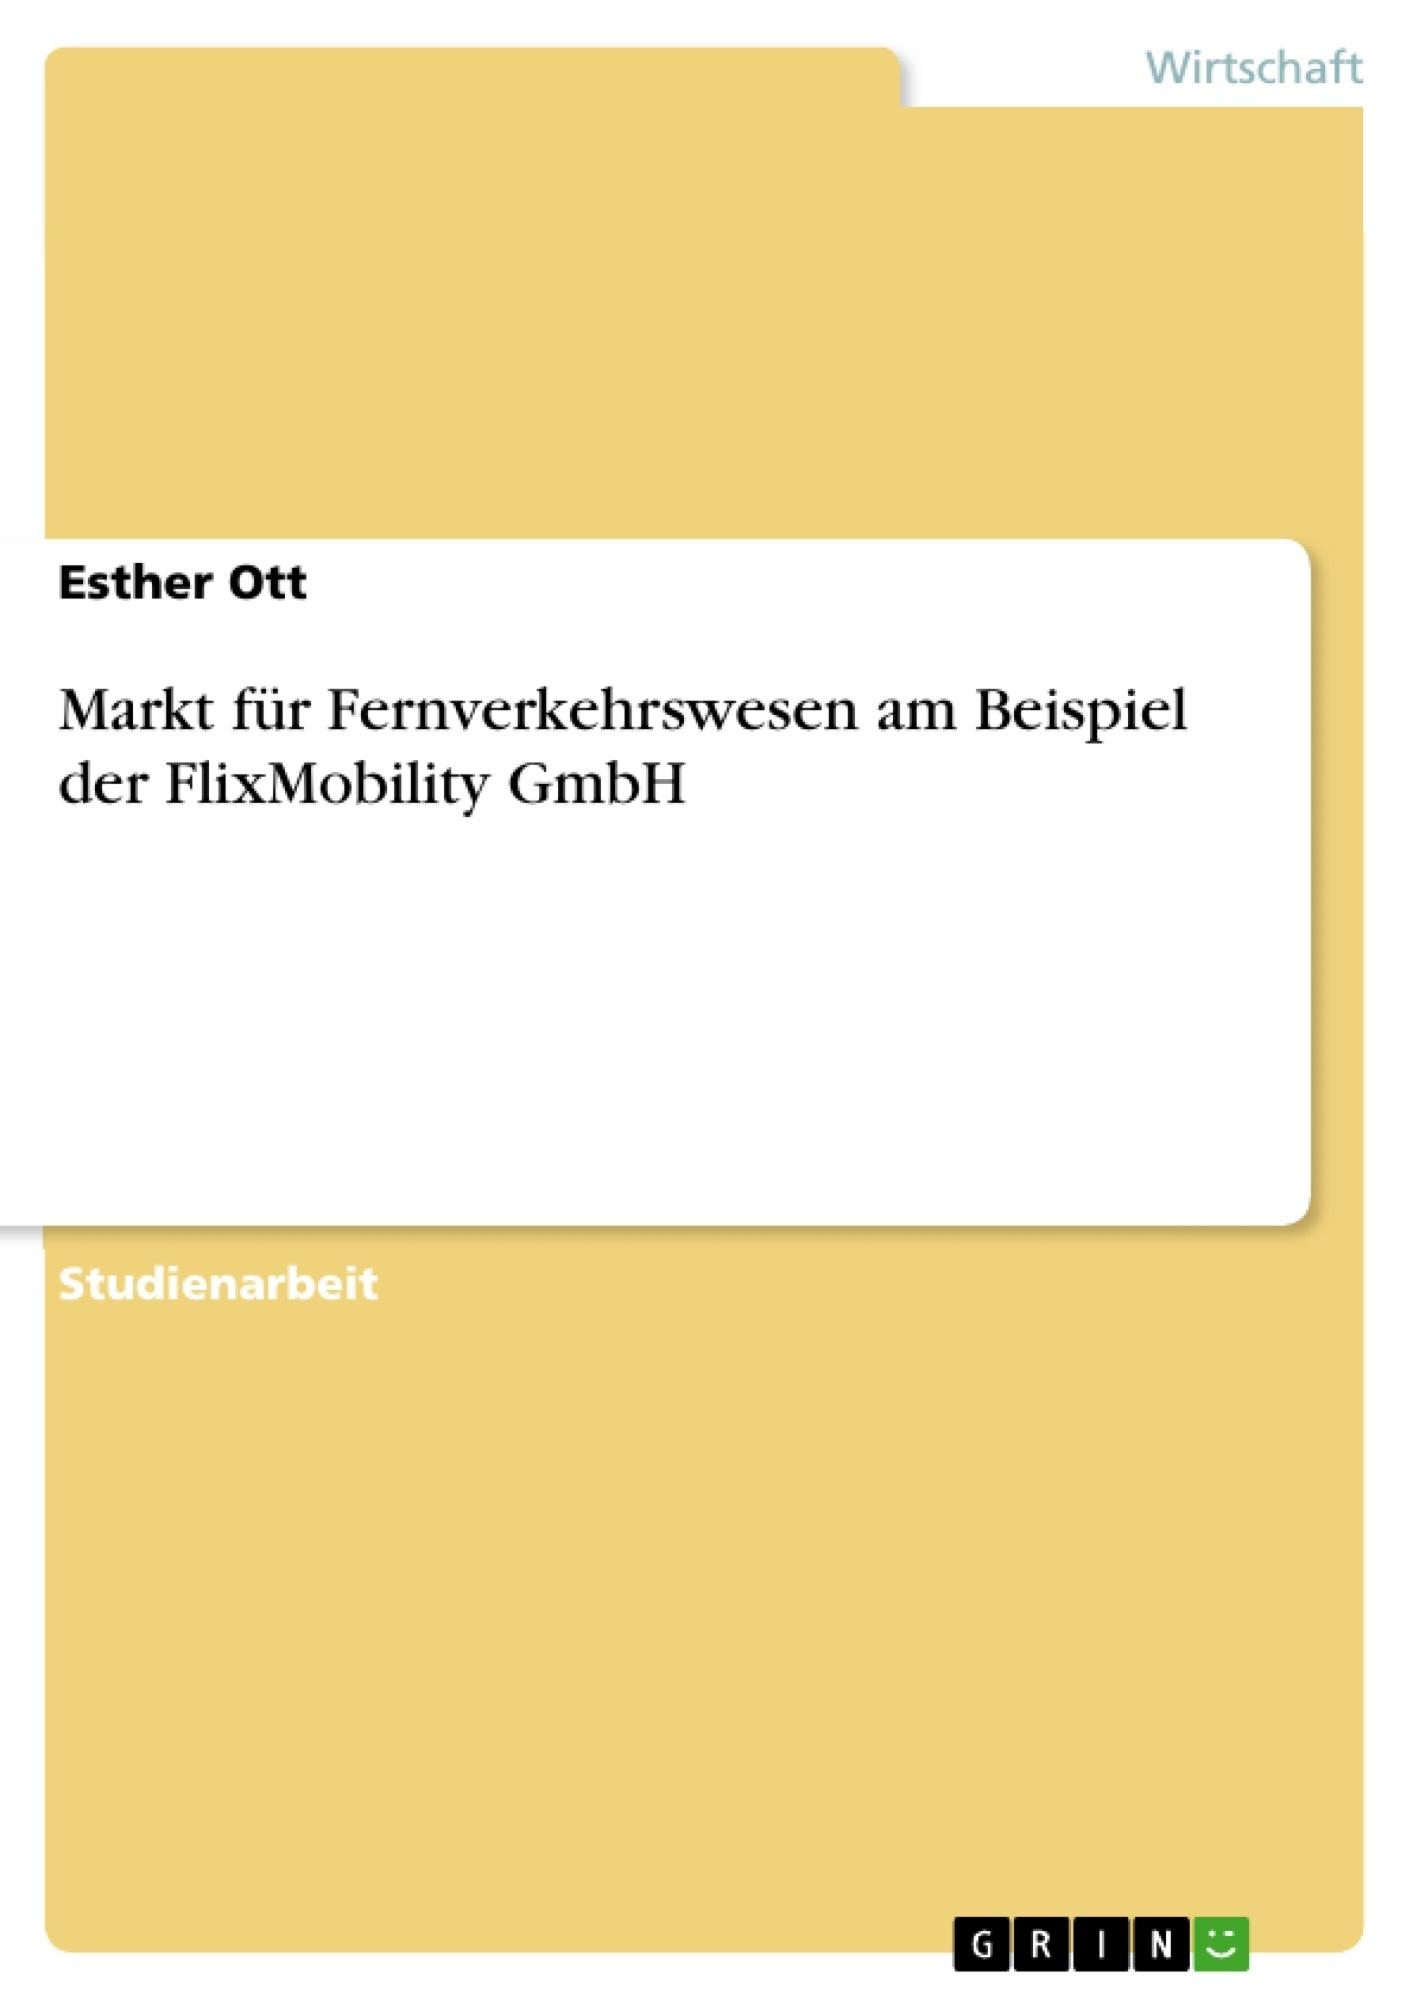 Titel: Markt für Fernverkehrswesen am Beispiel der FlixMobility GmbH